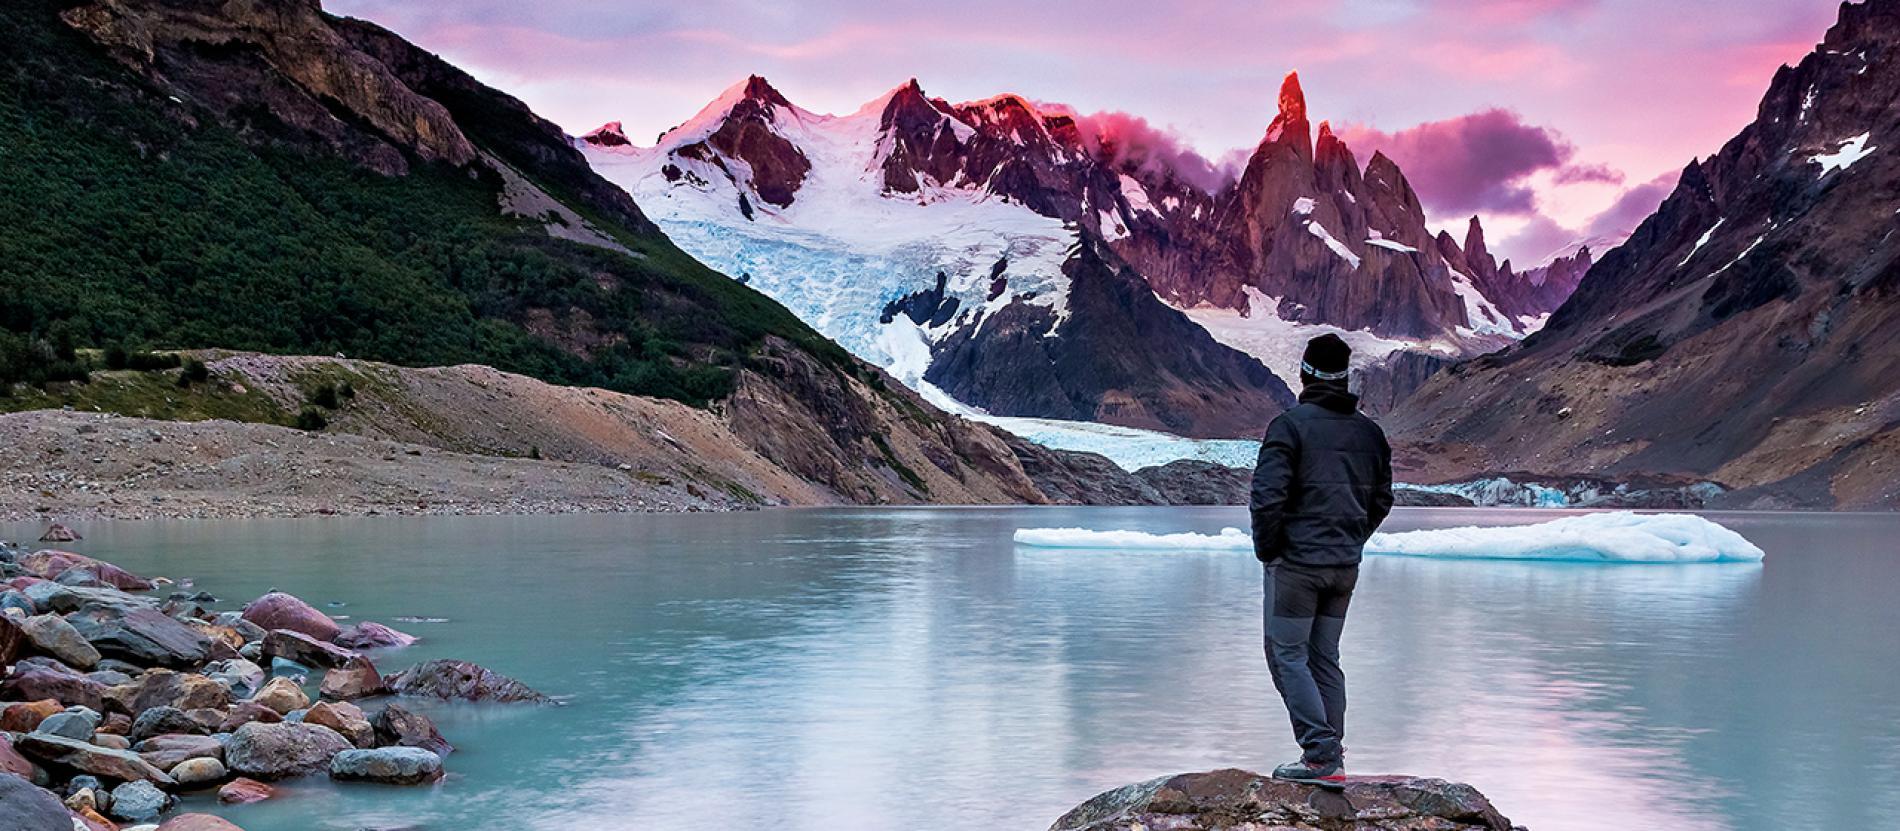 Patagonia South America >> Patagonia Hiking Trip Trekking Tour 2019 National Geographic